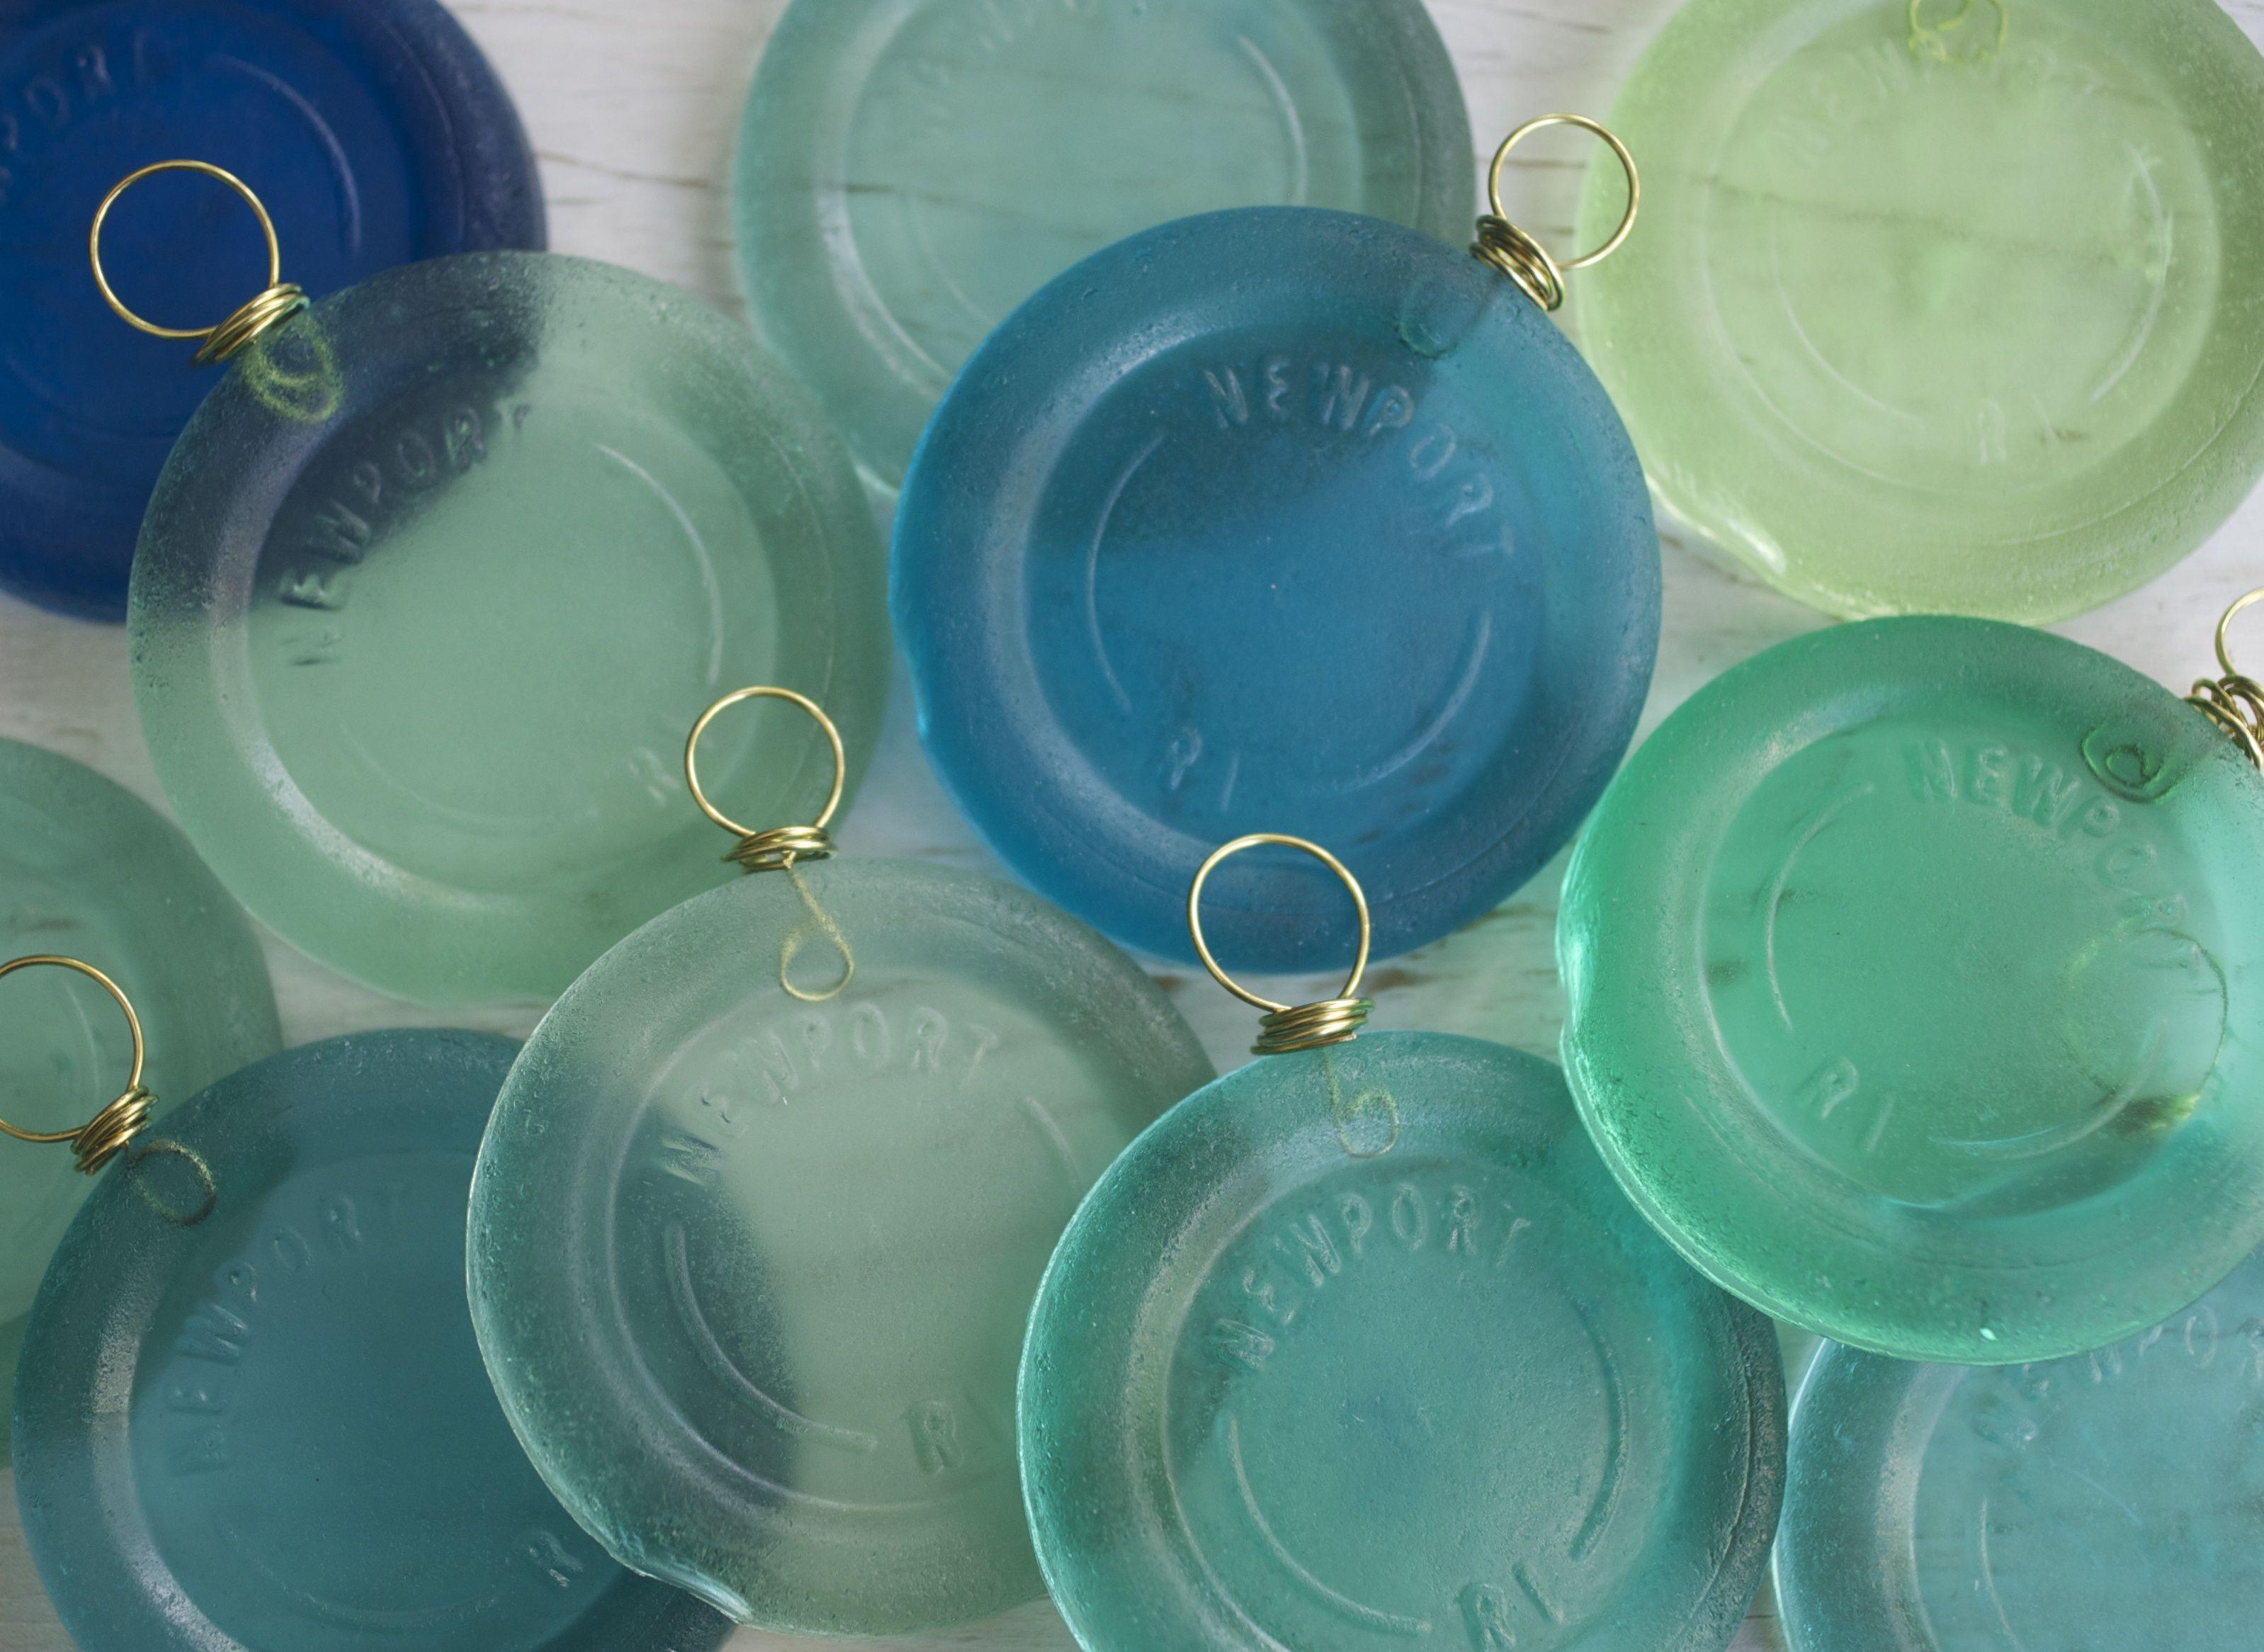 Newport ri suncatcher ornament resin sea glass bottle for How to break bottom of glass bottle